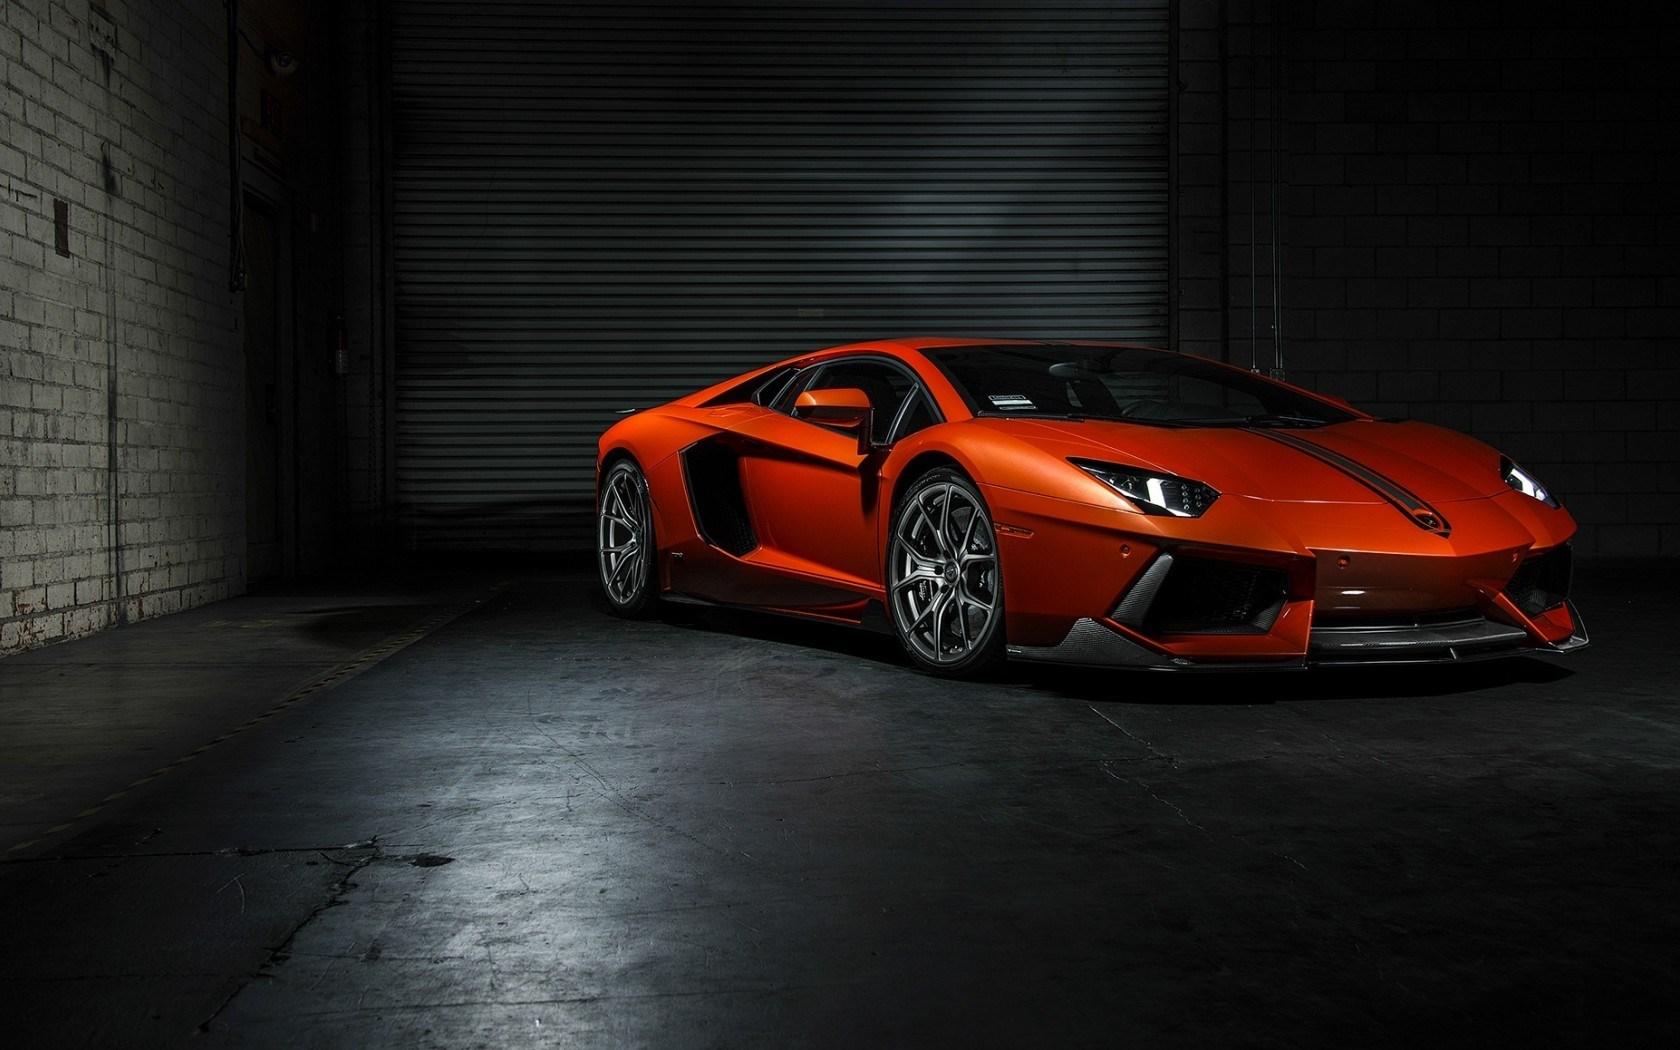 Lamborghini Aventador LP 700-4 Vorsteiner Tuning Car Orange Front Left